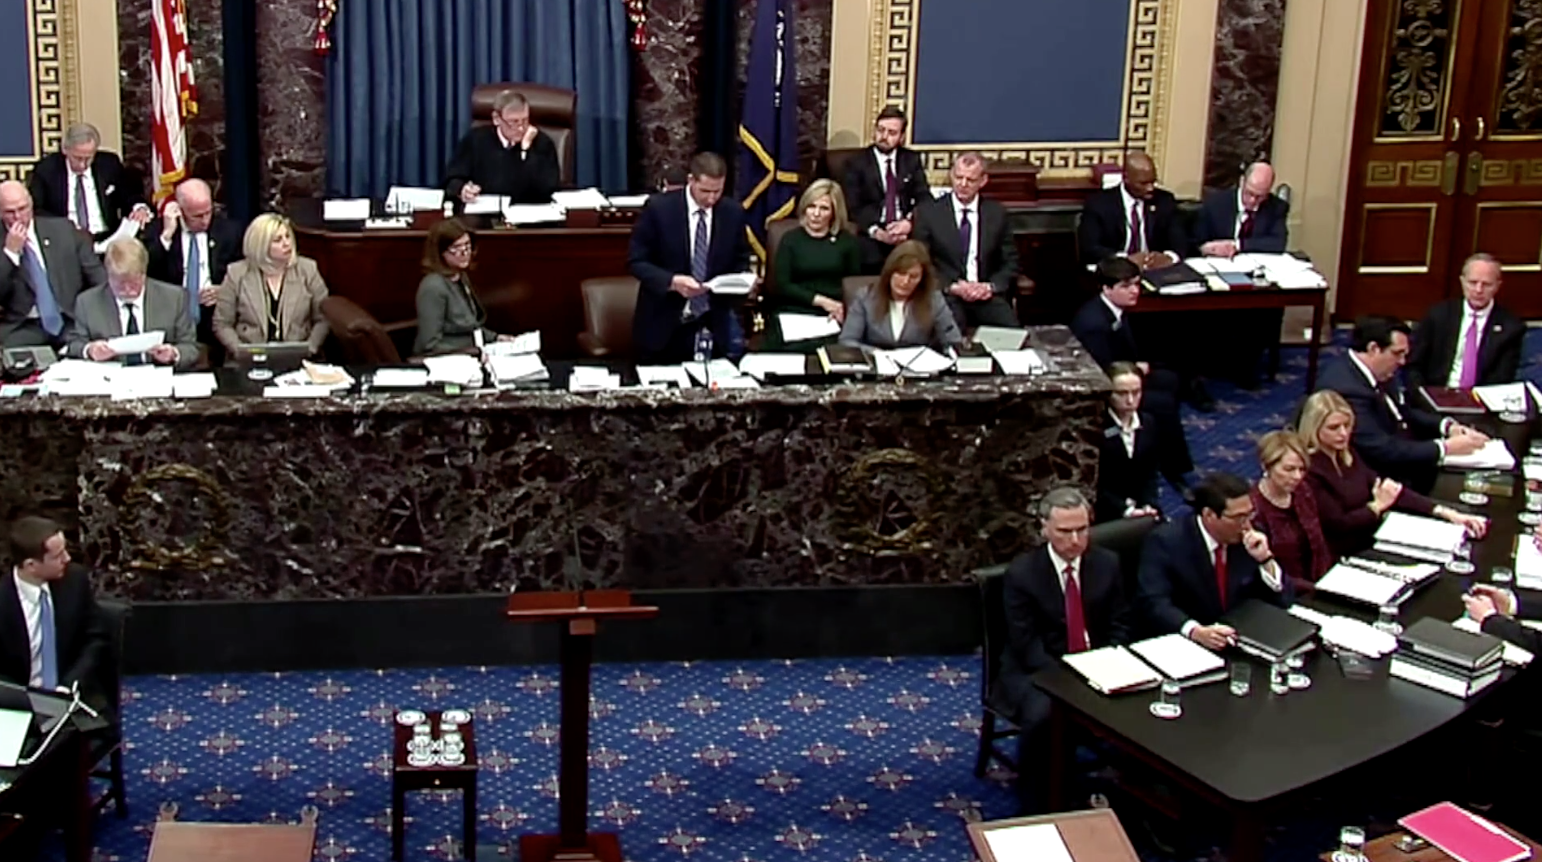 Thượng Viện ngăn chận việc công bố bằng chứng và triệu tập nhân chứng trong phiên tòa luận tội Tổng thống Trump